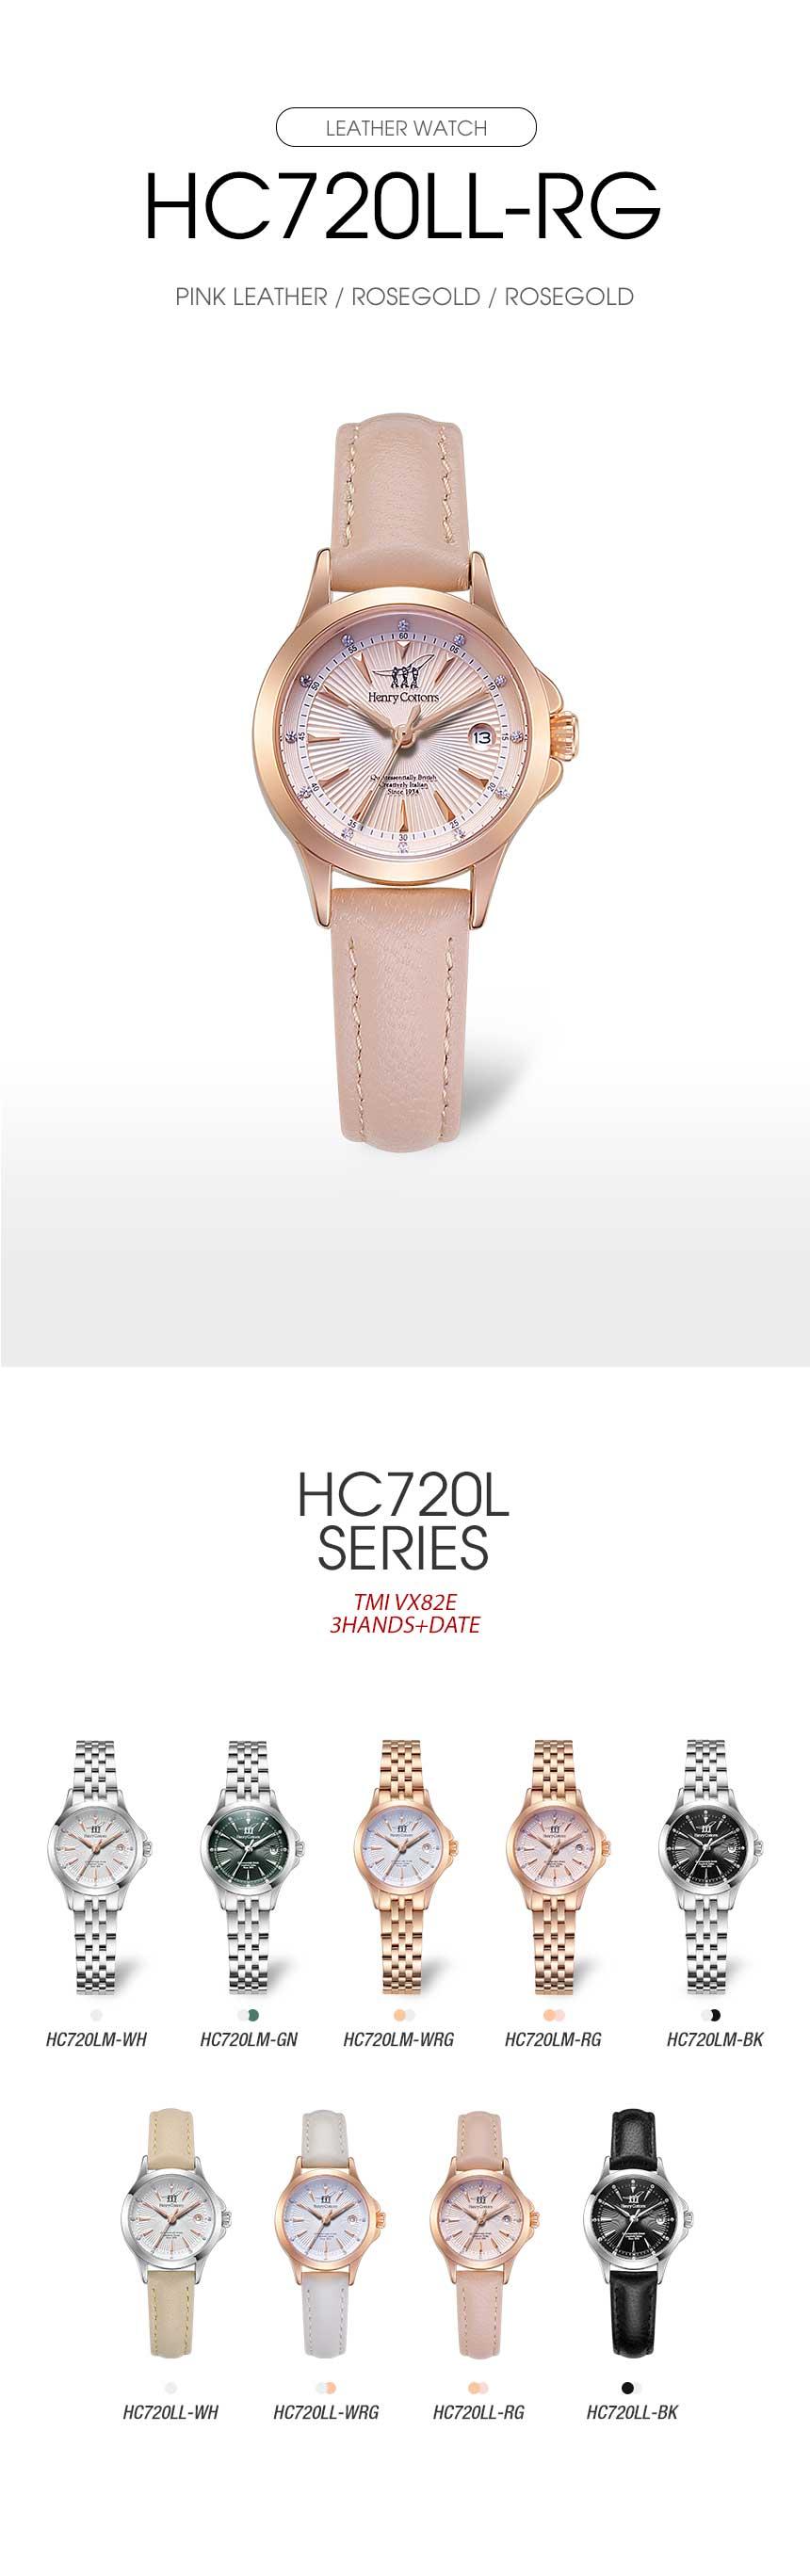 헨리코튼(HENRY COTTON'S) 여자 데이트 가죽시계 HC720LL-RG